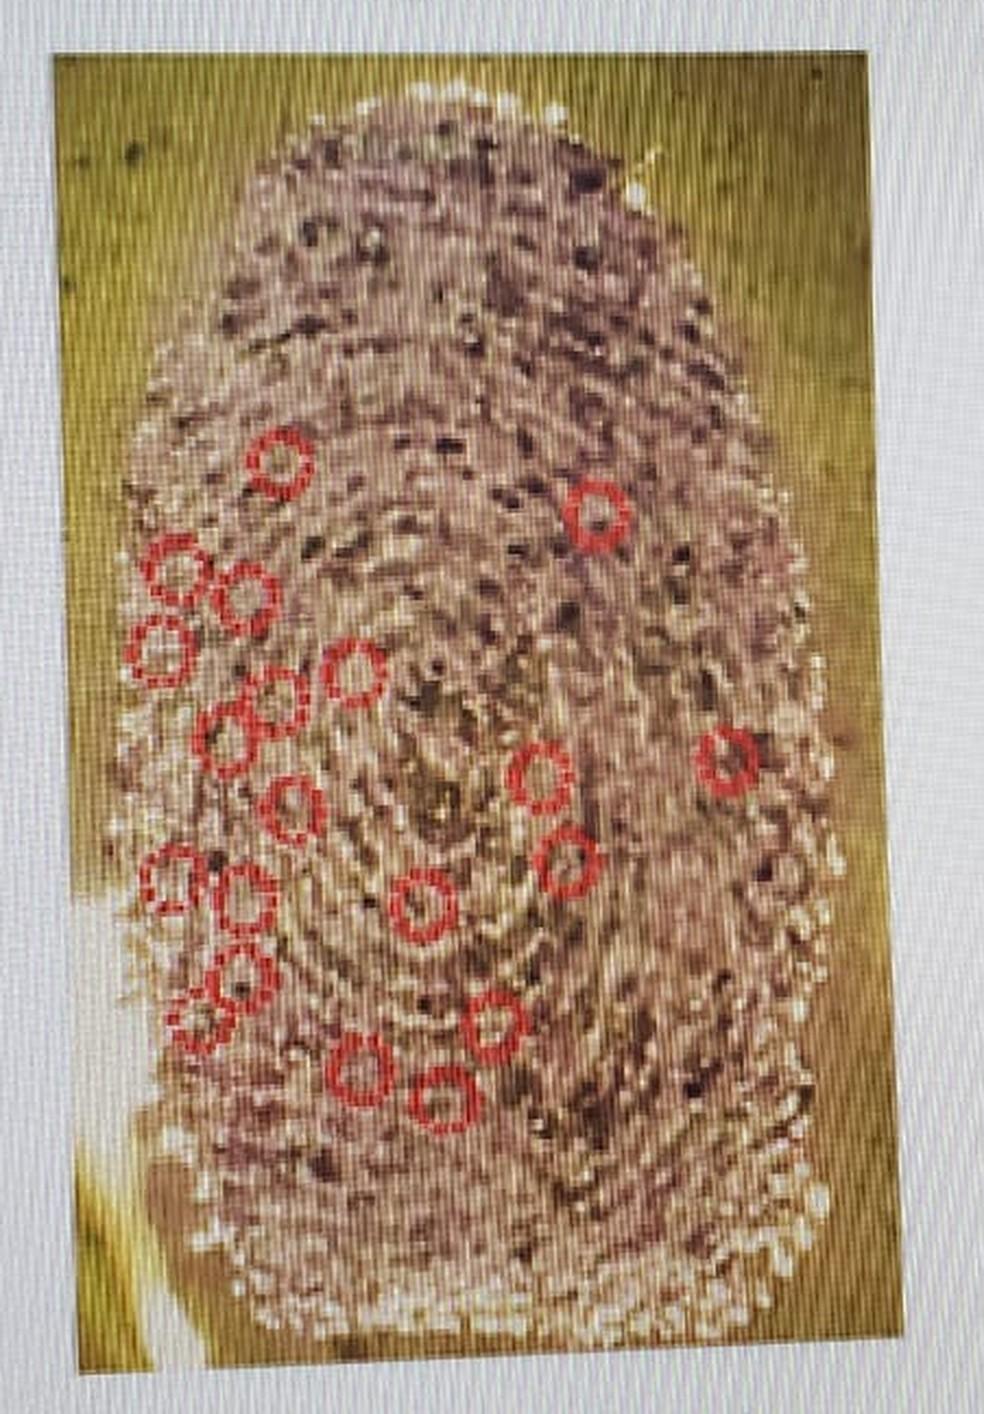 Impressão digital usando goma de cajueiro — Foto: Reprodução